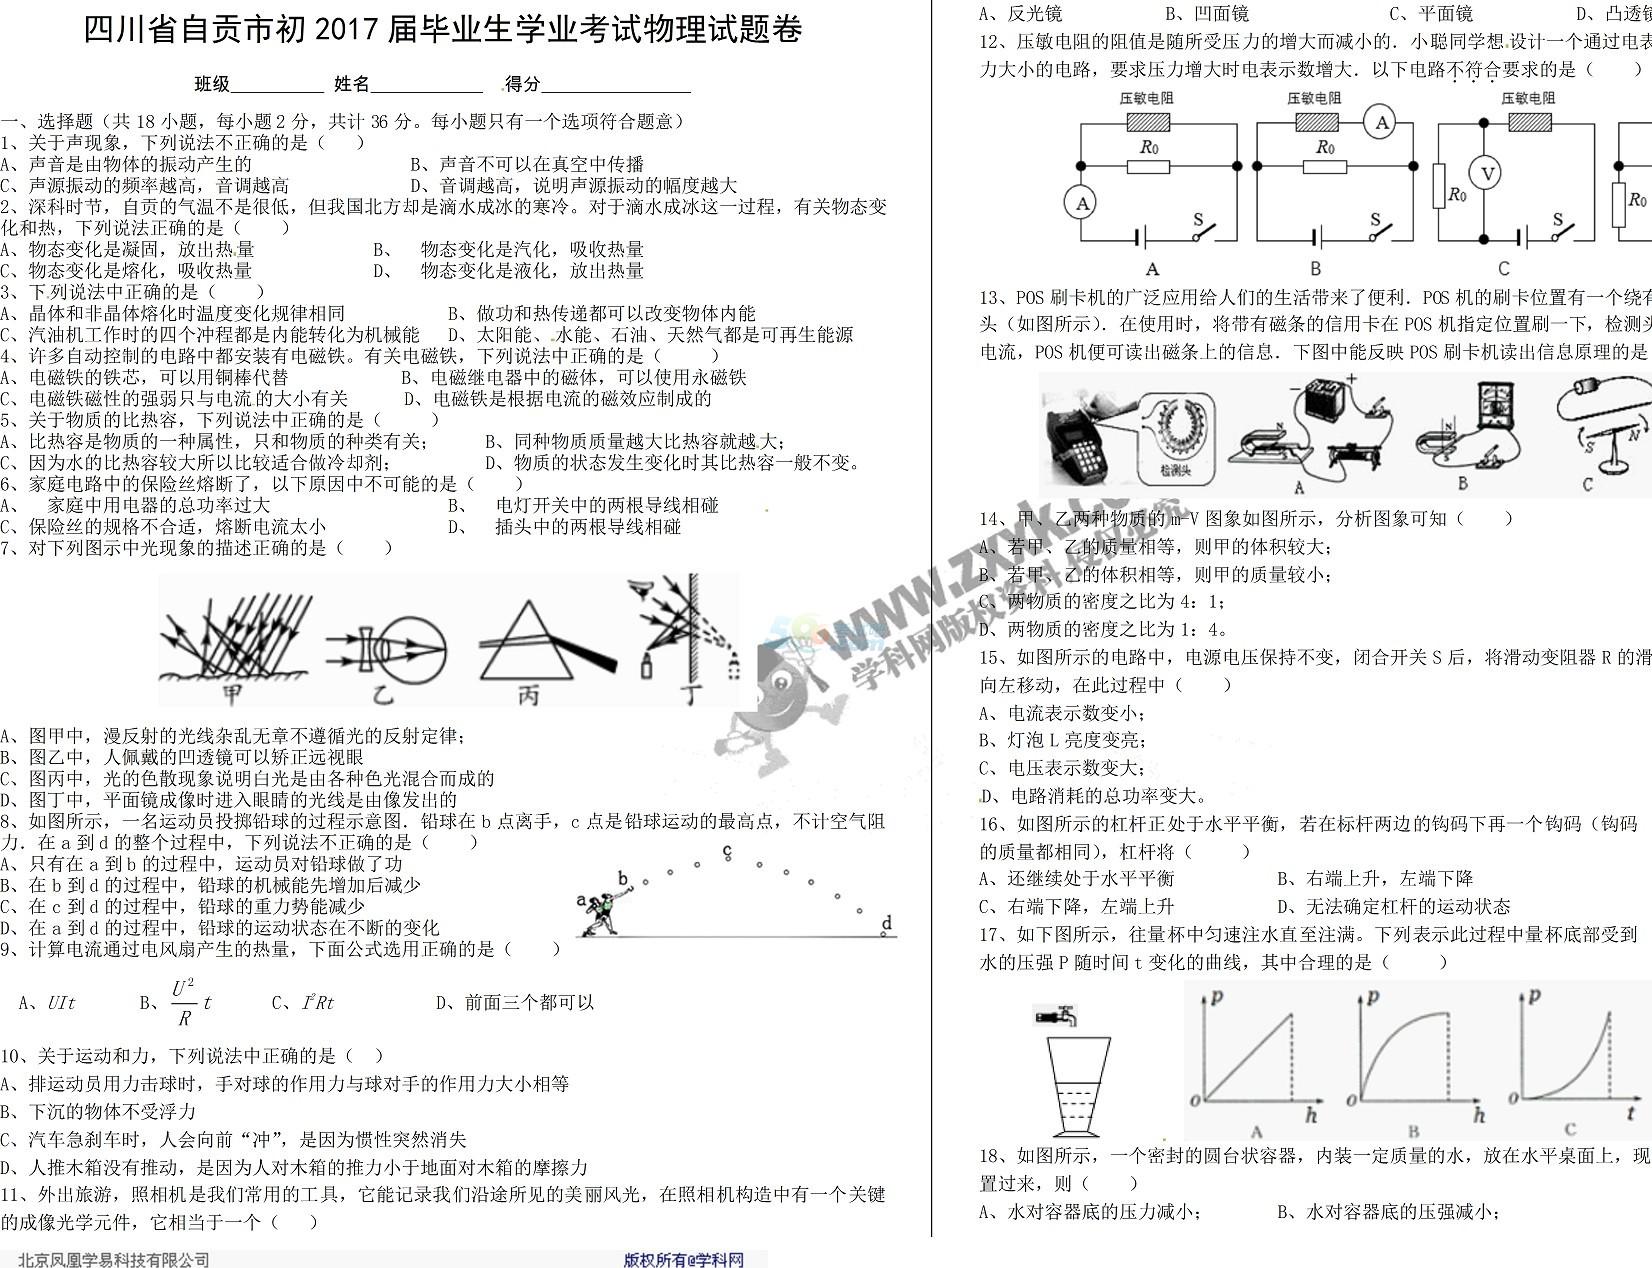 考试吧:2017四川自贡中考《物理》试题及答案